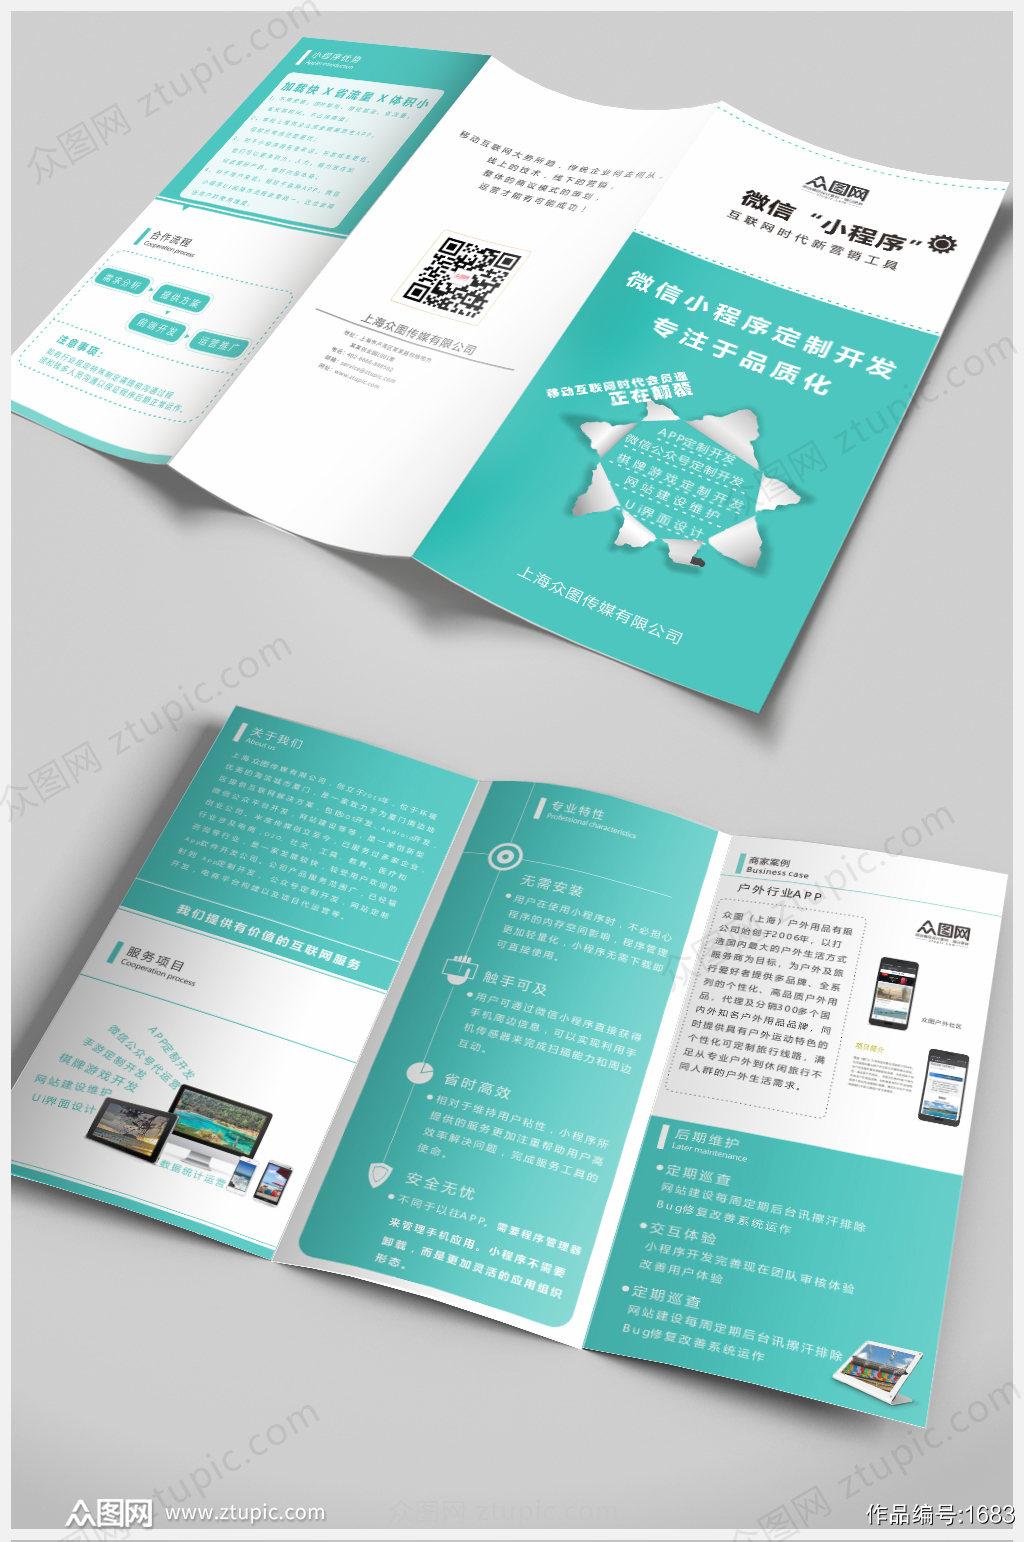 蓝色小程序科技公司宣传三折页设计素材